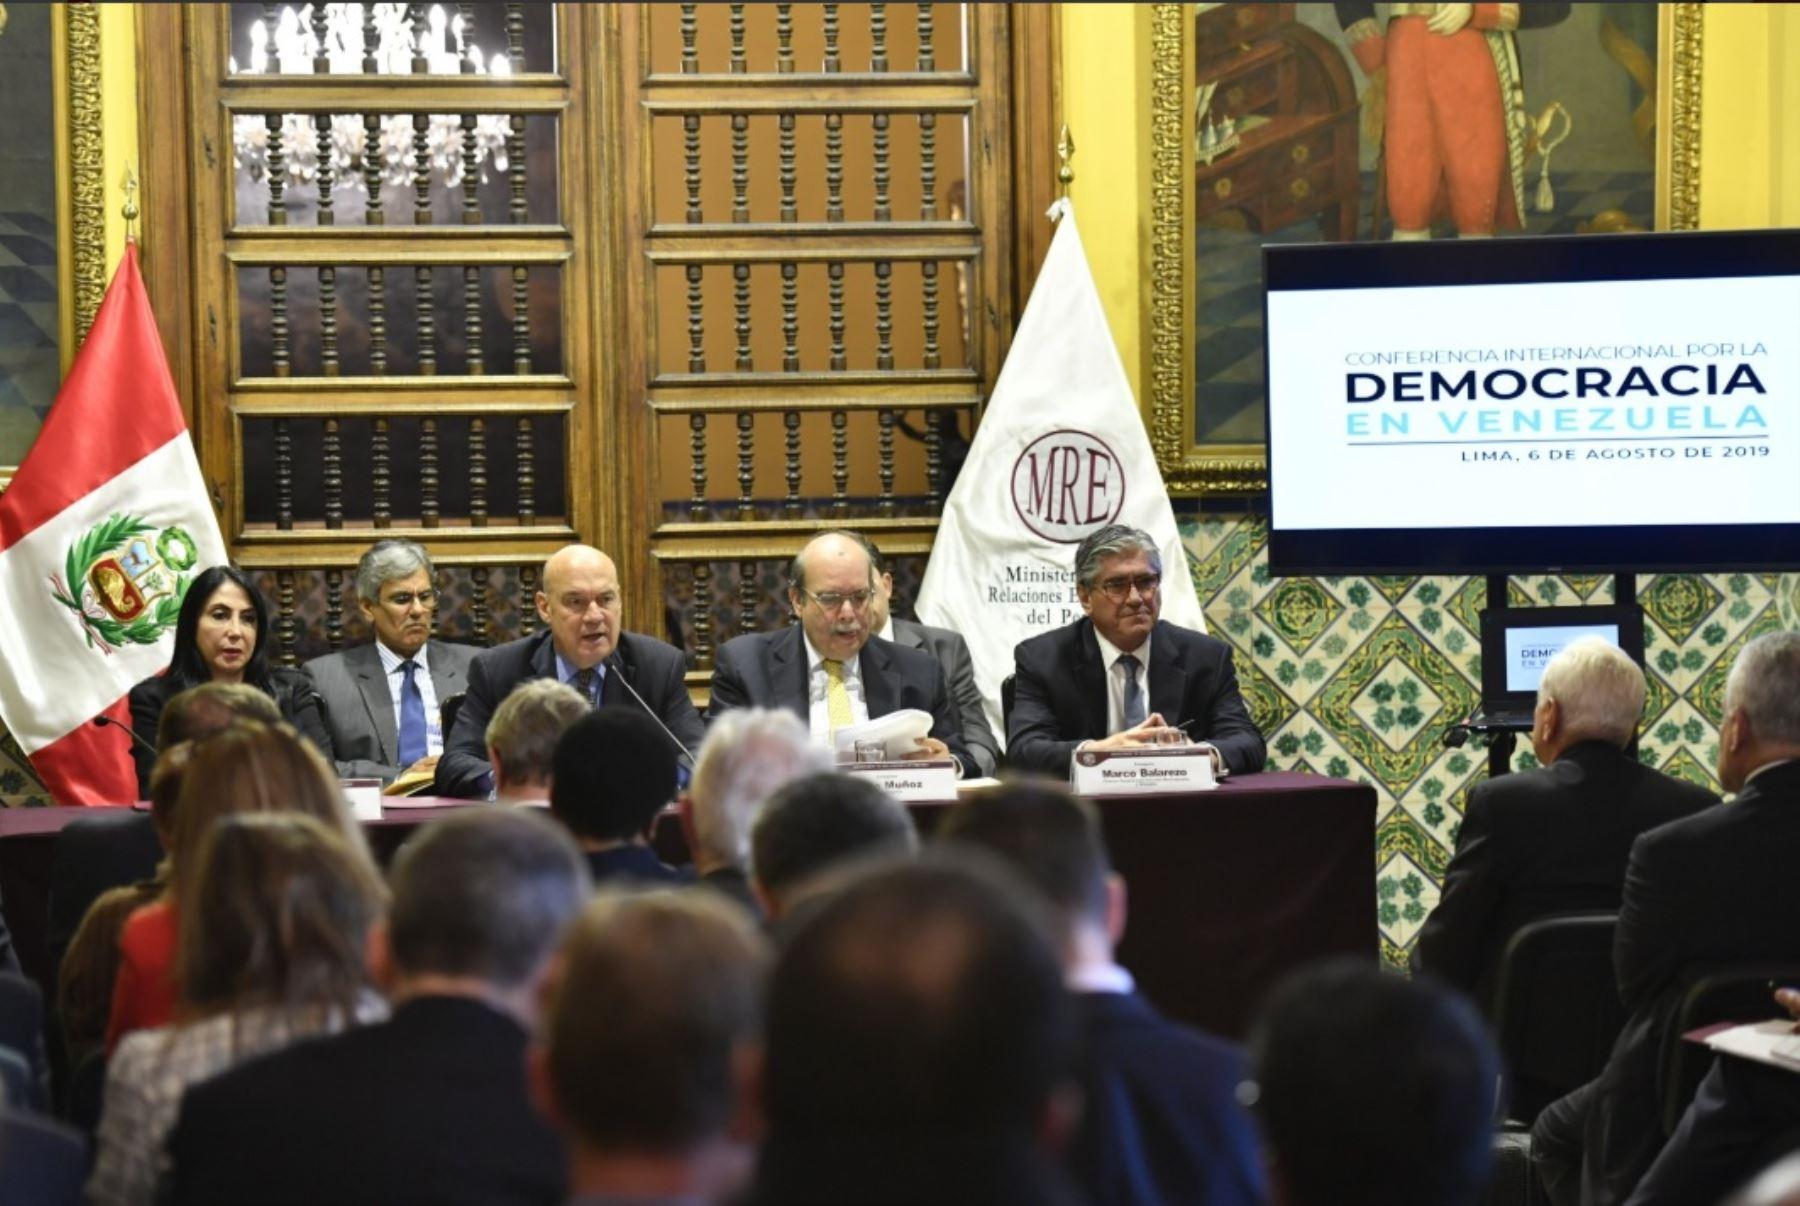 Cancillería peruana convocó a cancilleres de los países de los cinco continentes para Conferencia Internacional por Venezuela.